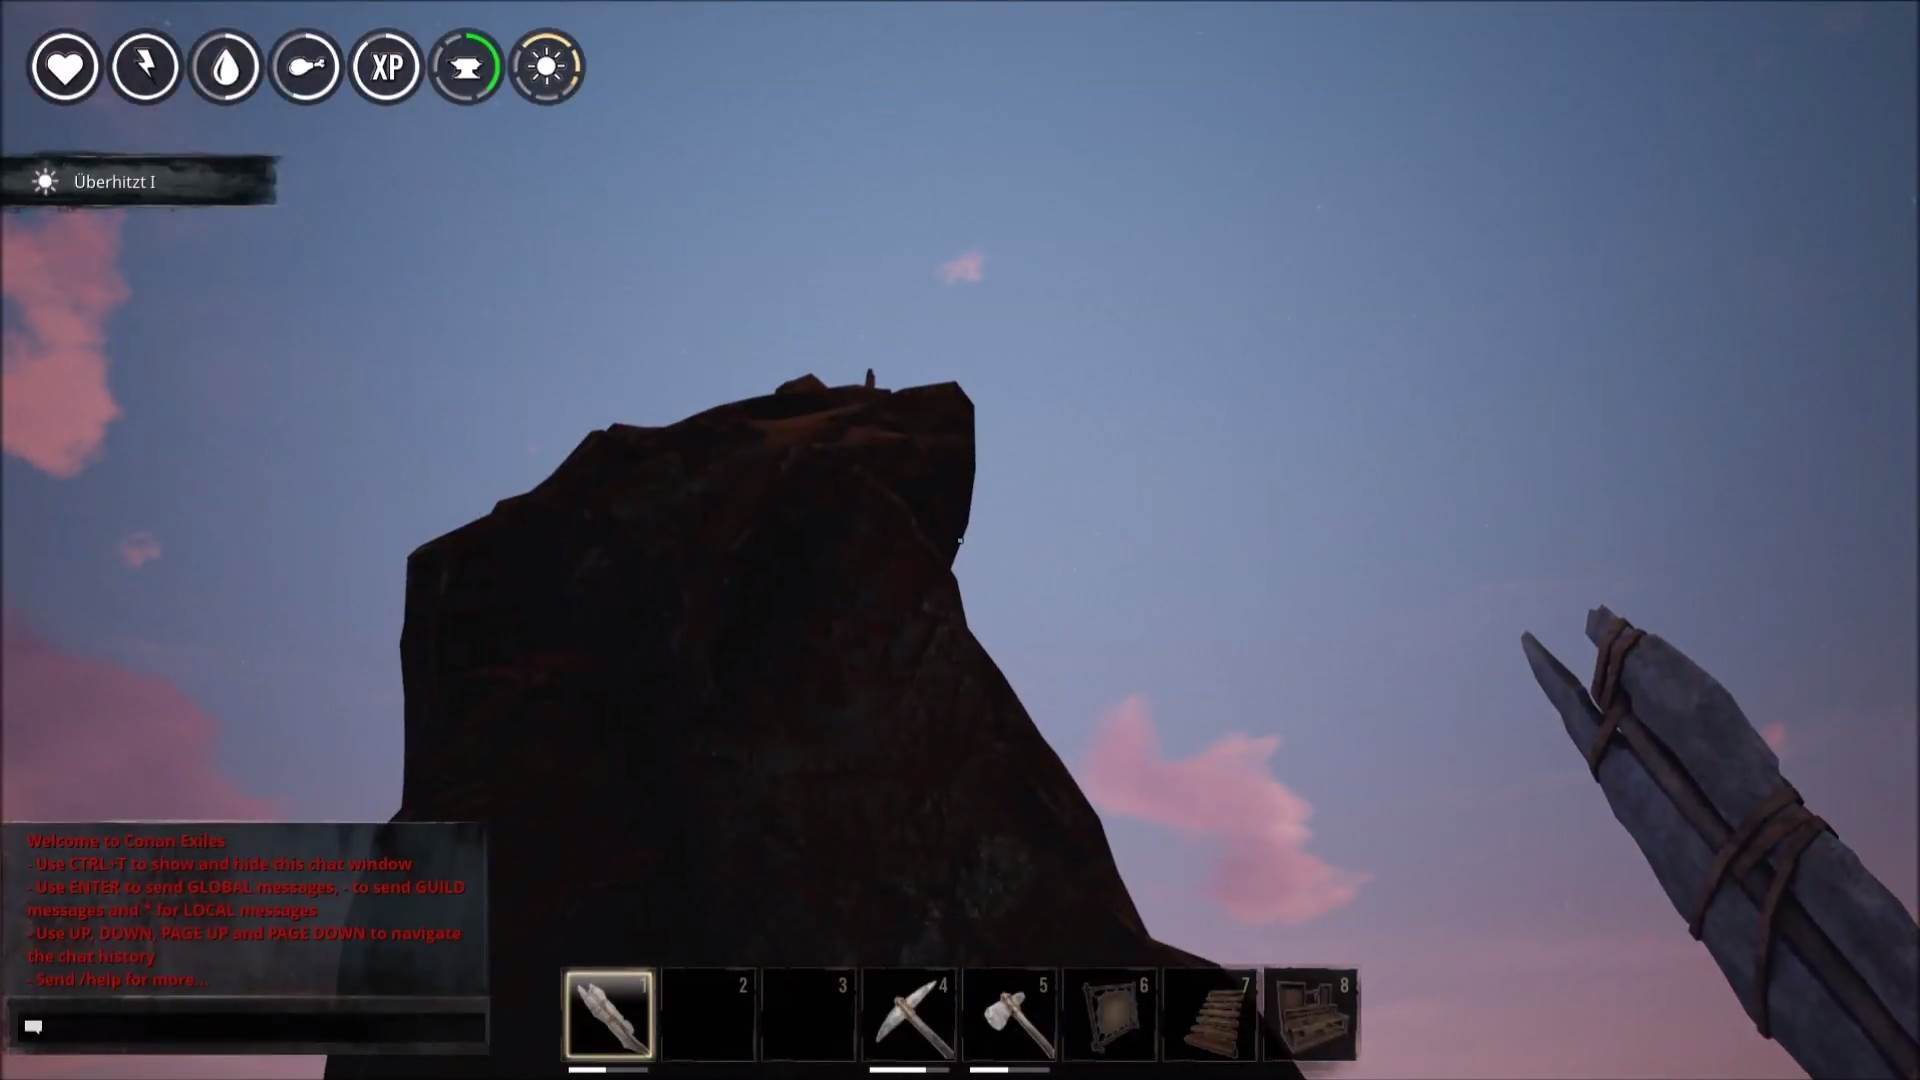 Kletterausrüstung Conan Exiles : Conan exiles u2013 durch die wüste nerdenthum